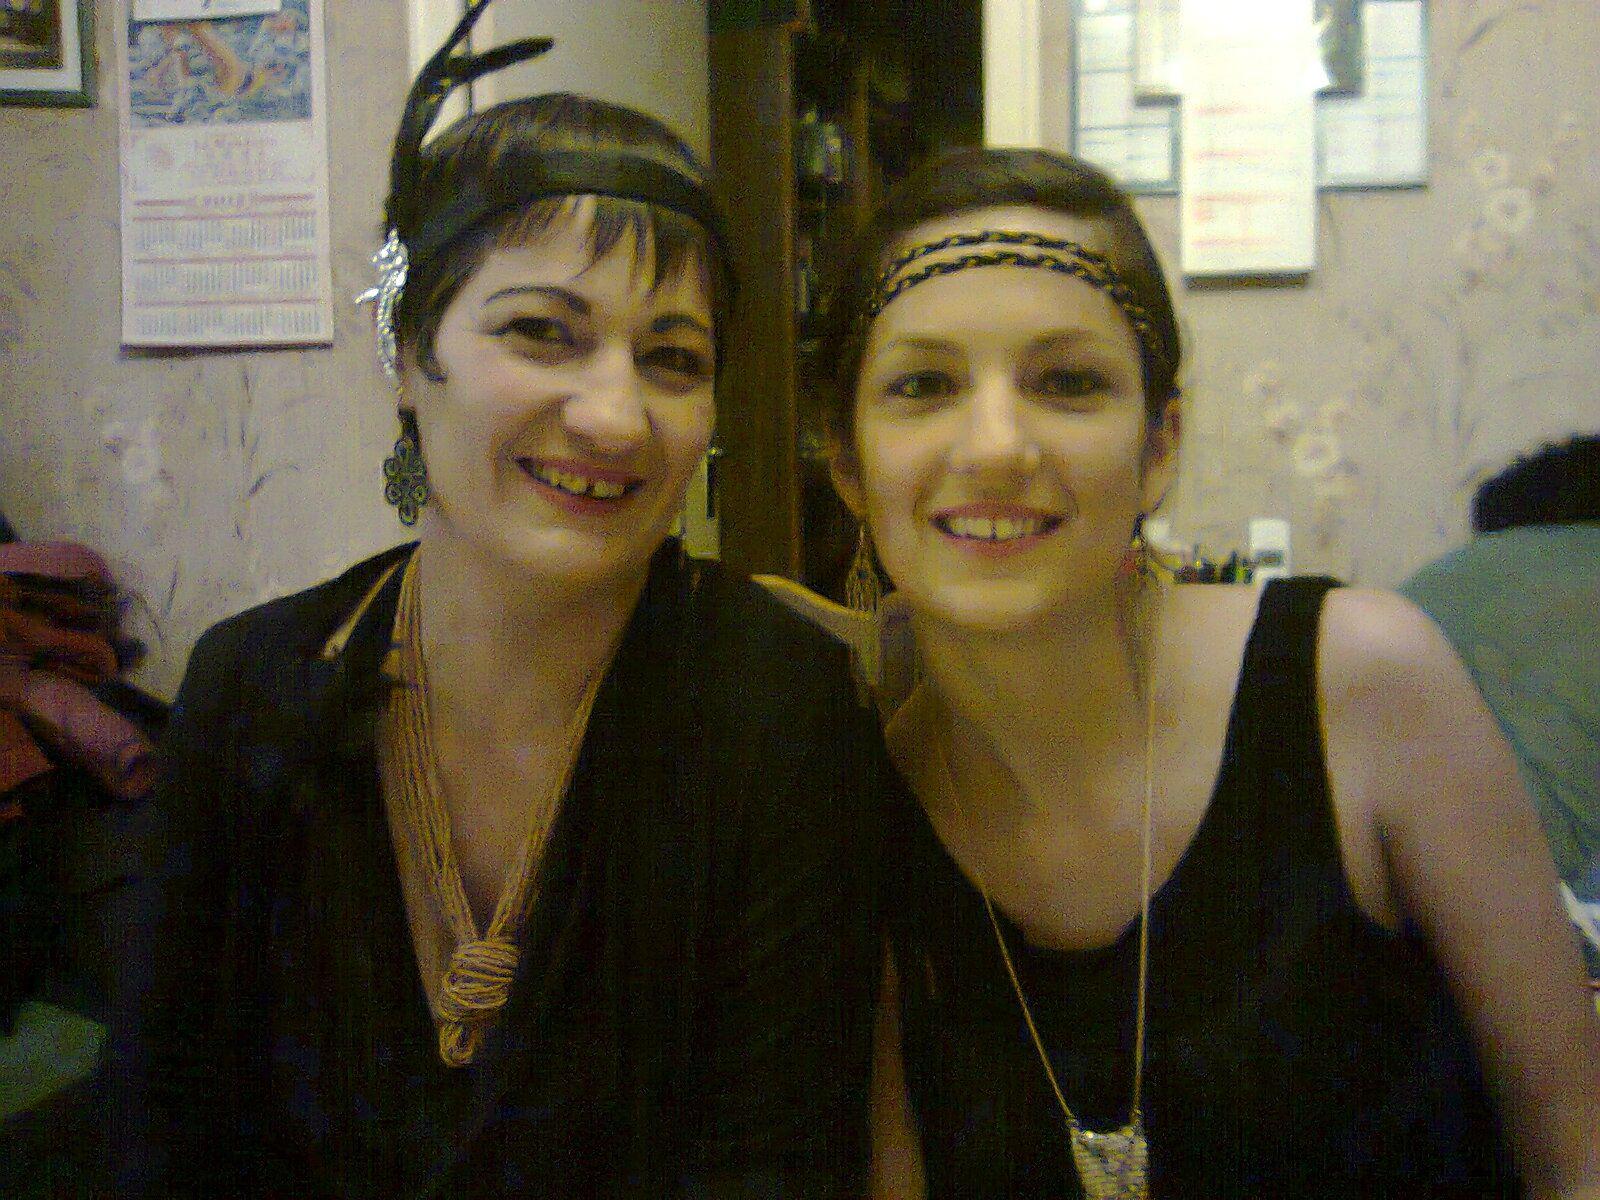 Cette femme n'est pas ma soeur mais ma Mamoune et oui, je sais, on se ressemble!